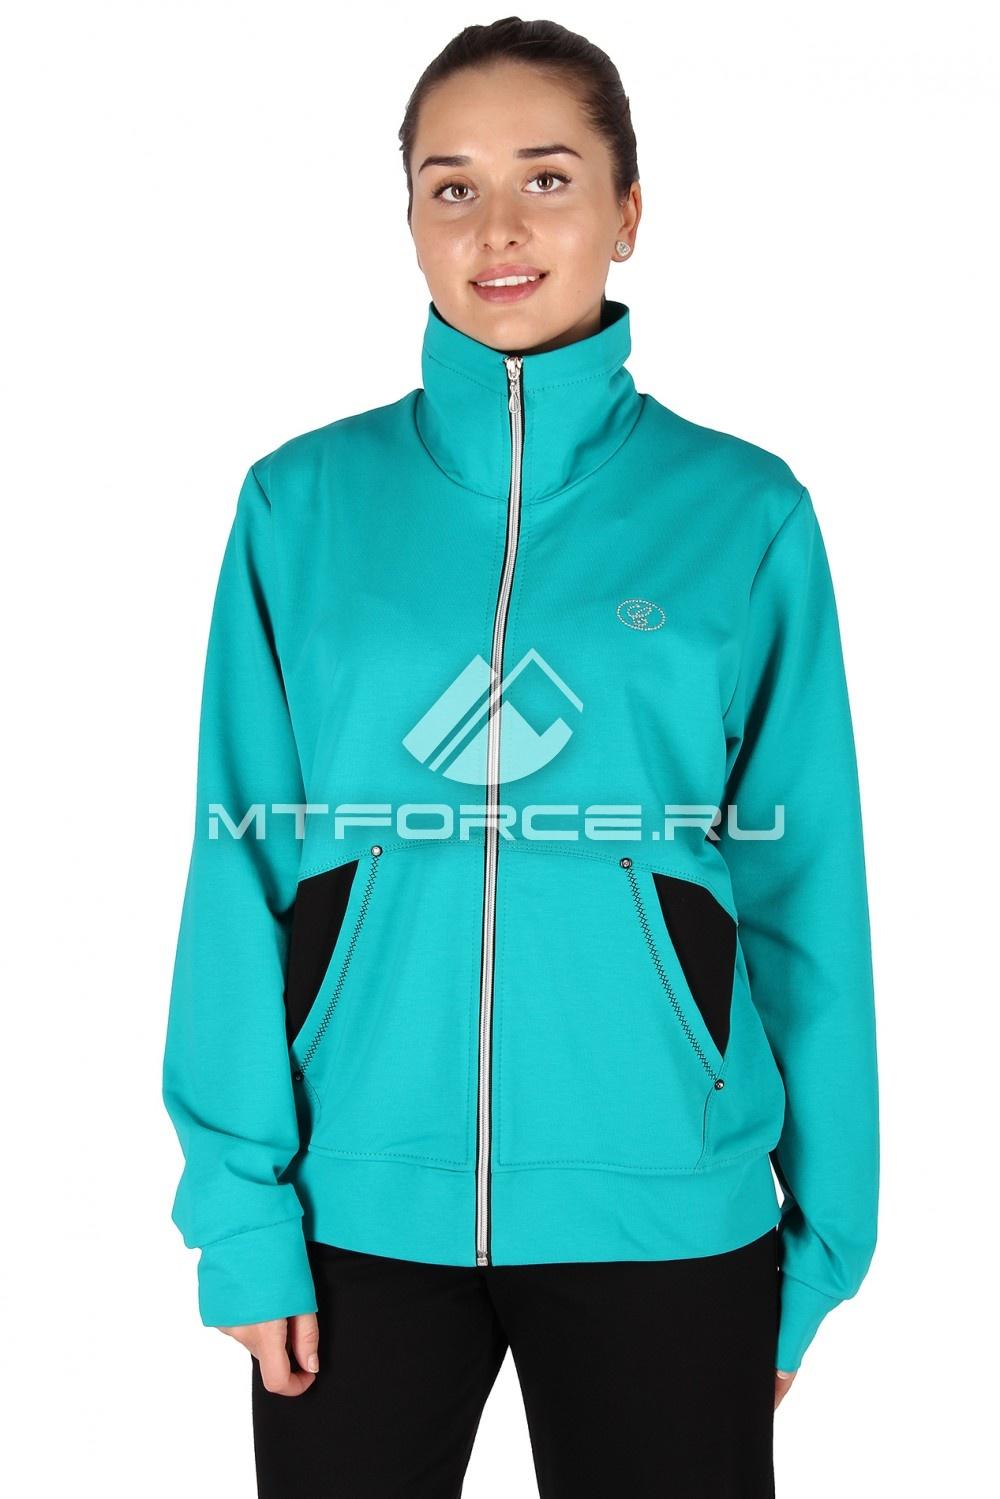 Купить                                  оптом Олимпийка женская большого размера биризового цвета 021Br